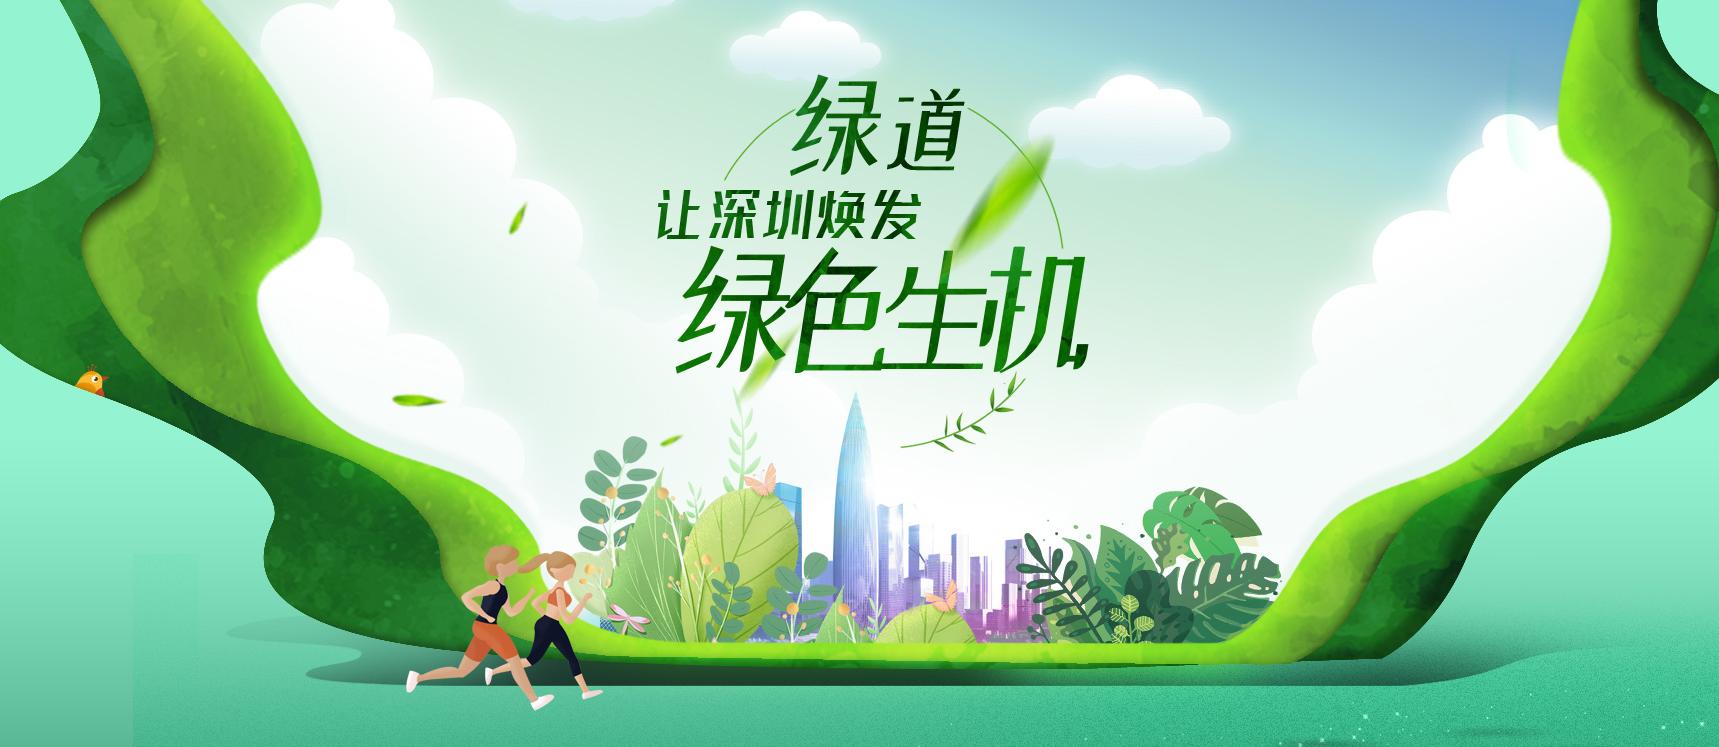 绿道让深圳焕发绿色生机